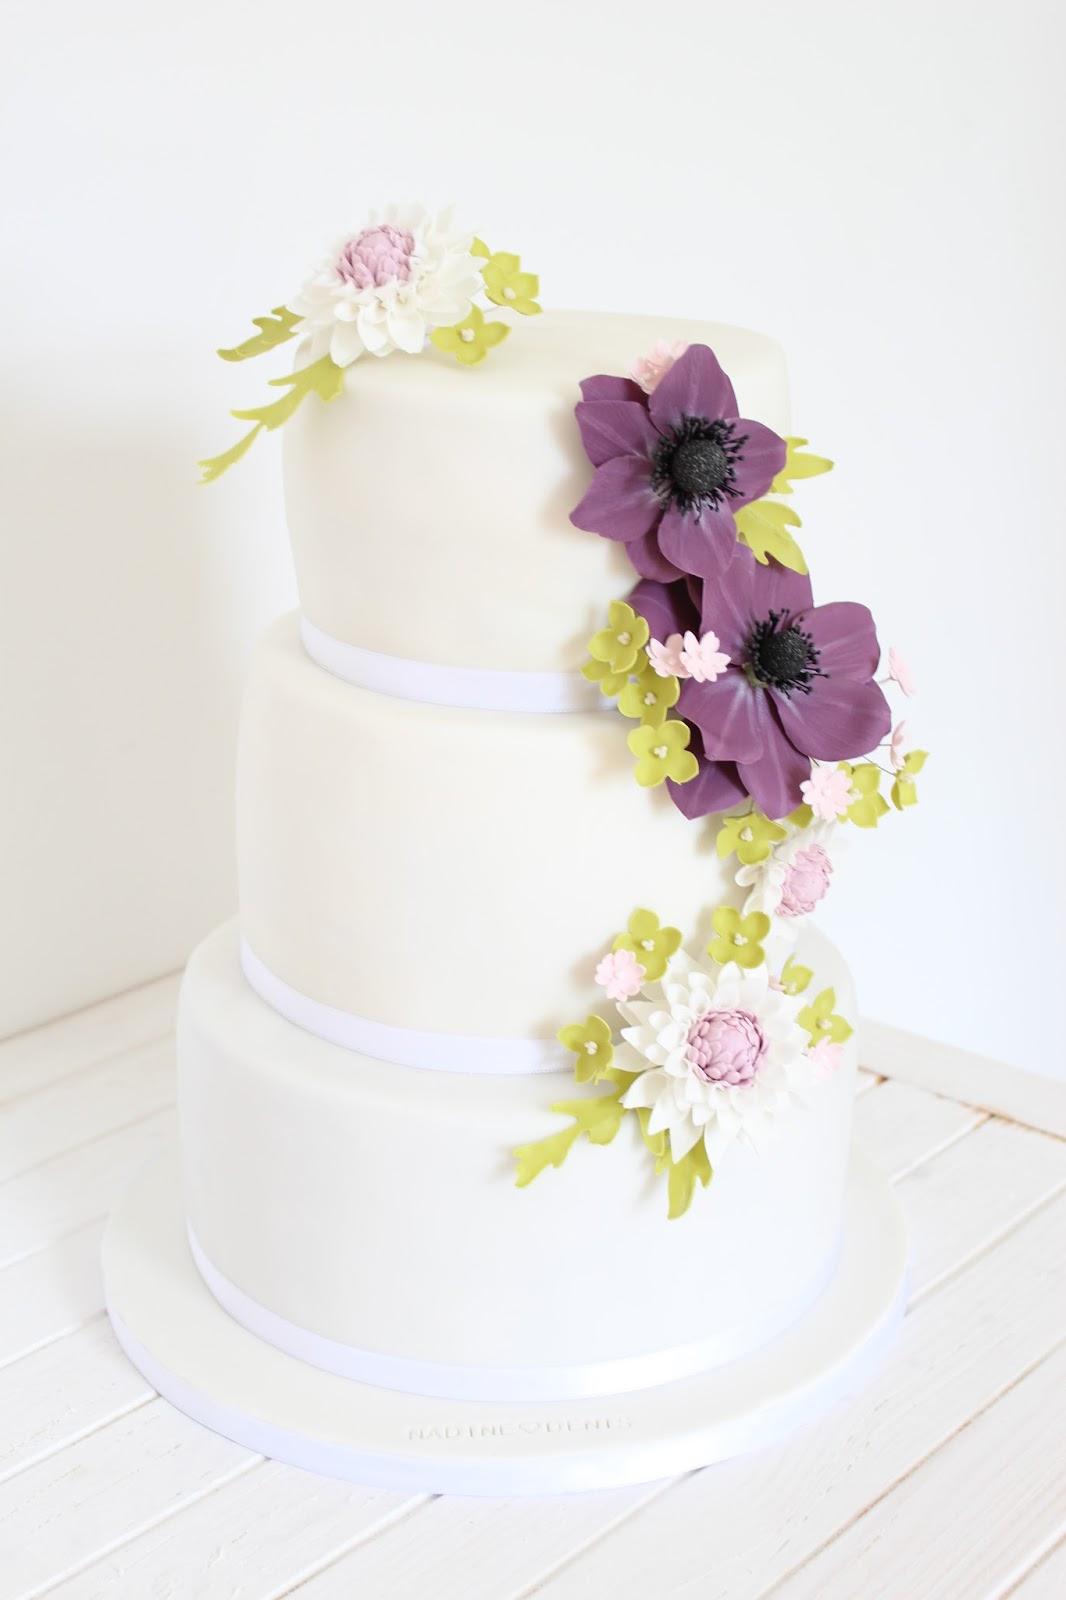 Brilliant Hochzeitstorte Lila Beste Wahl Und Heute Gibt Es Erstmal Nach Dem